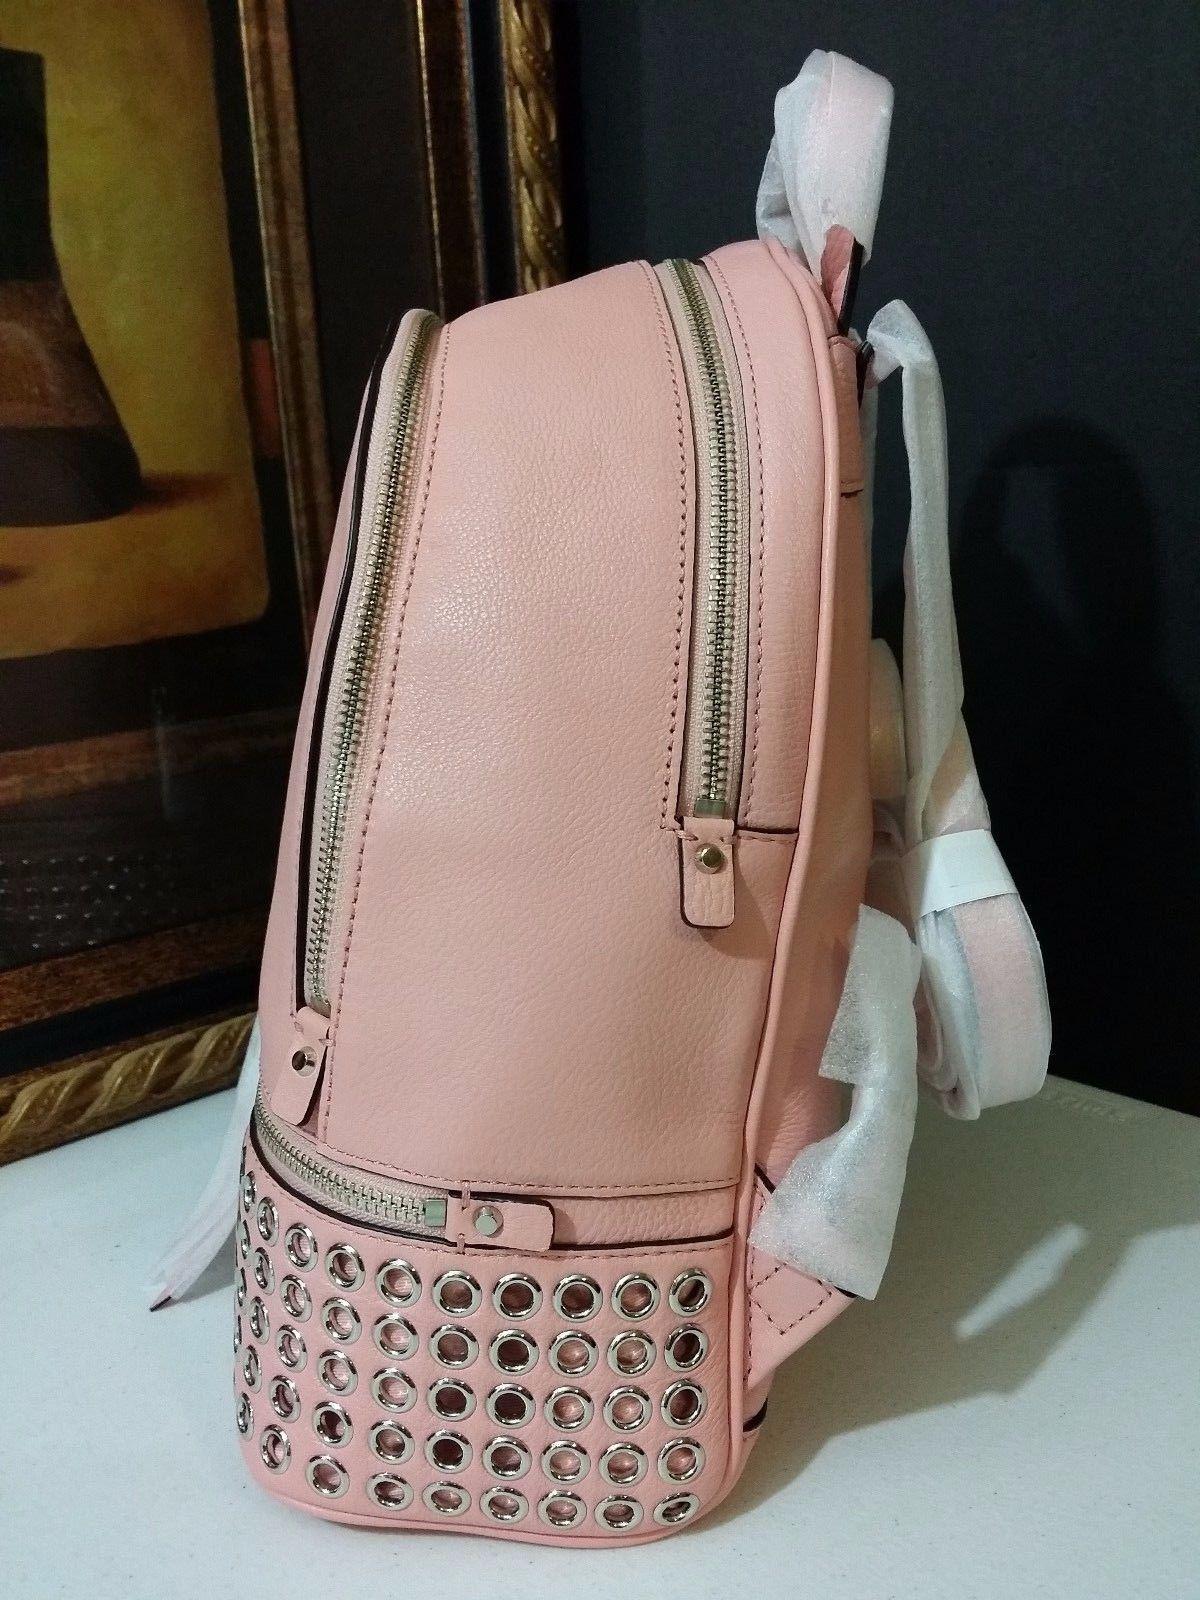 NWT Michael Kors Rhea Zip Medium Grommet Backpack Leather Pale Pink MSRP $378